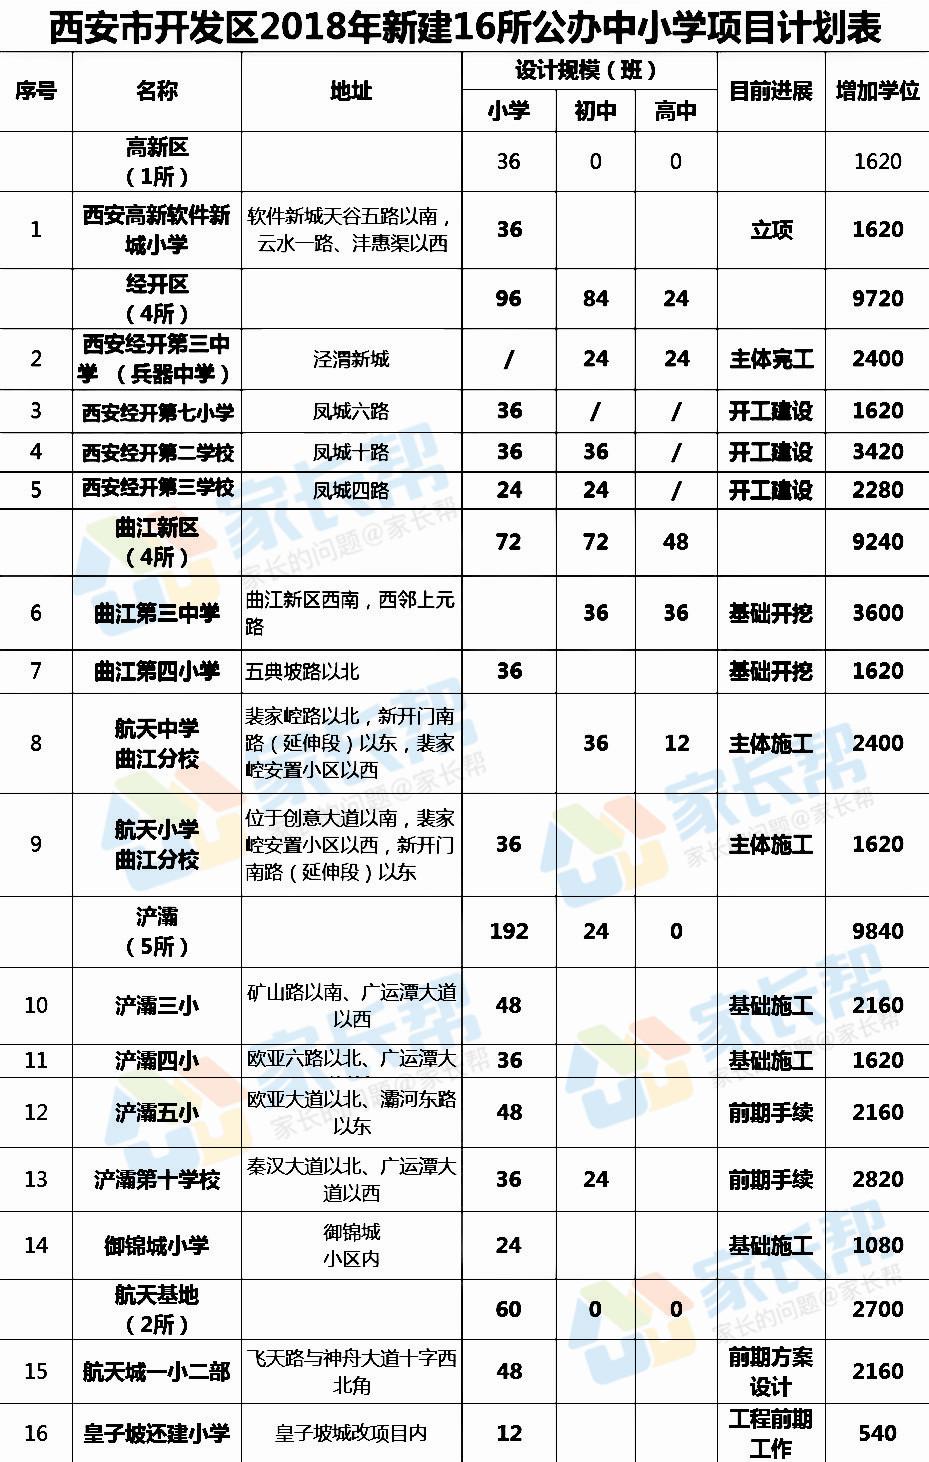 【西安新建30所】中小学名单及校址公布